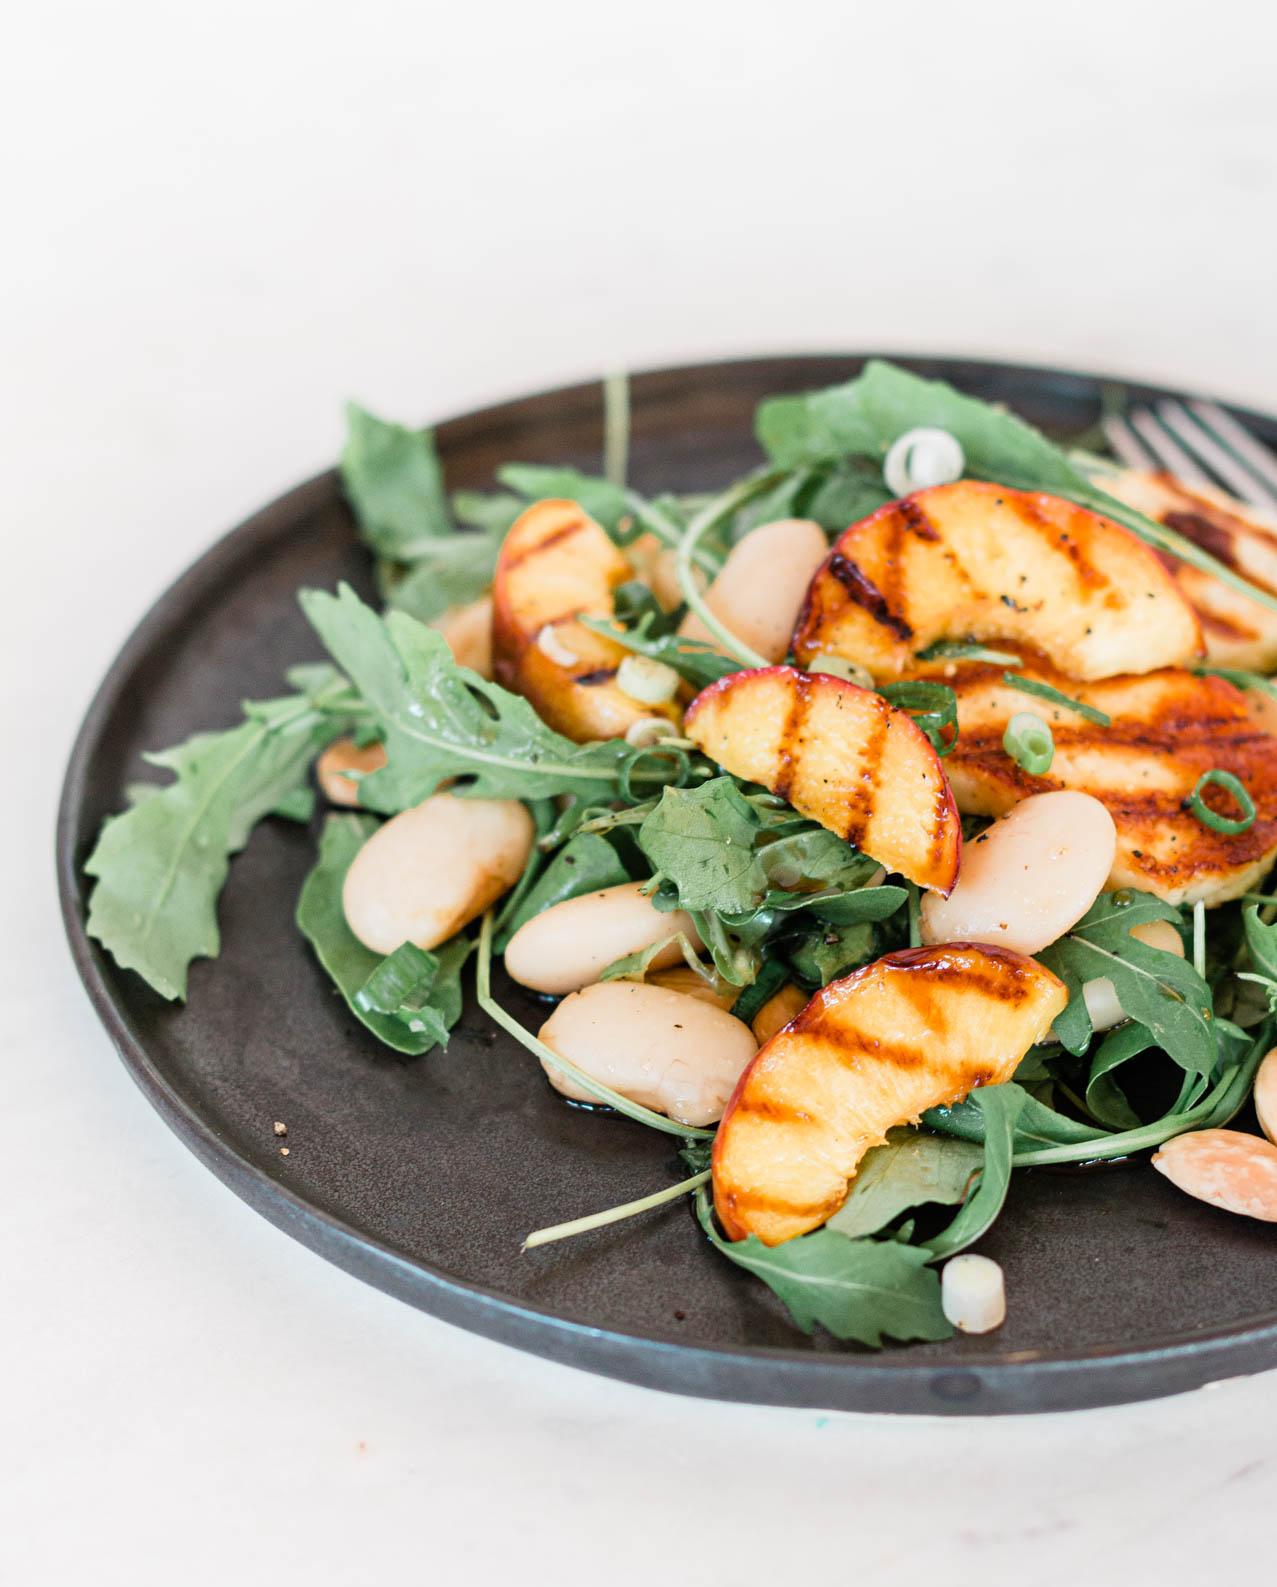 Sommersalat mit gegrillter Nektarine & weißen Bohnen